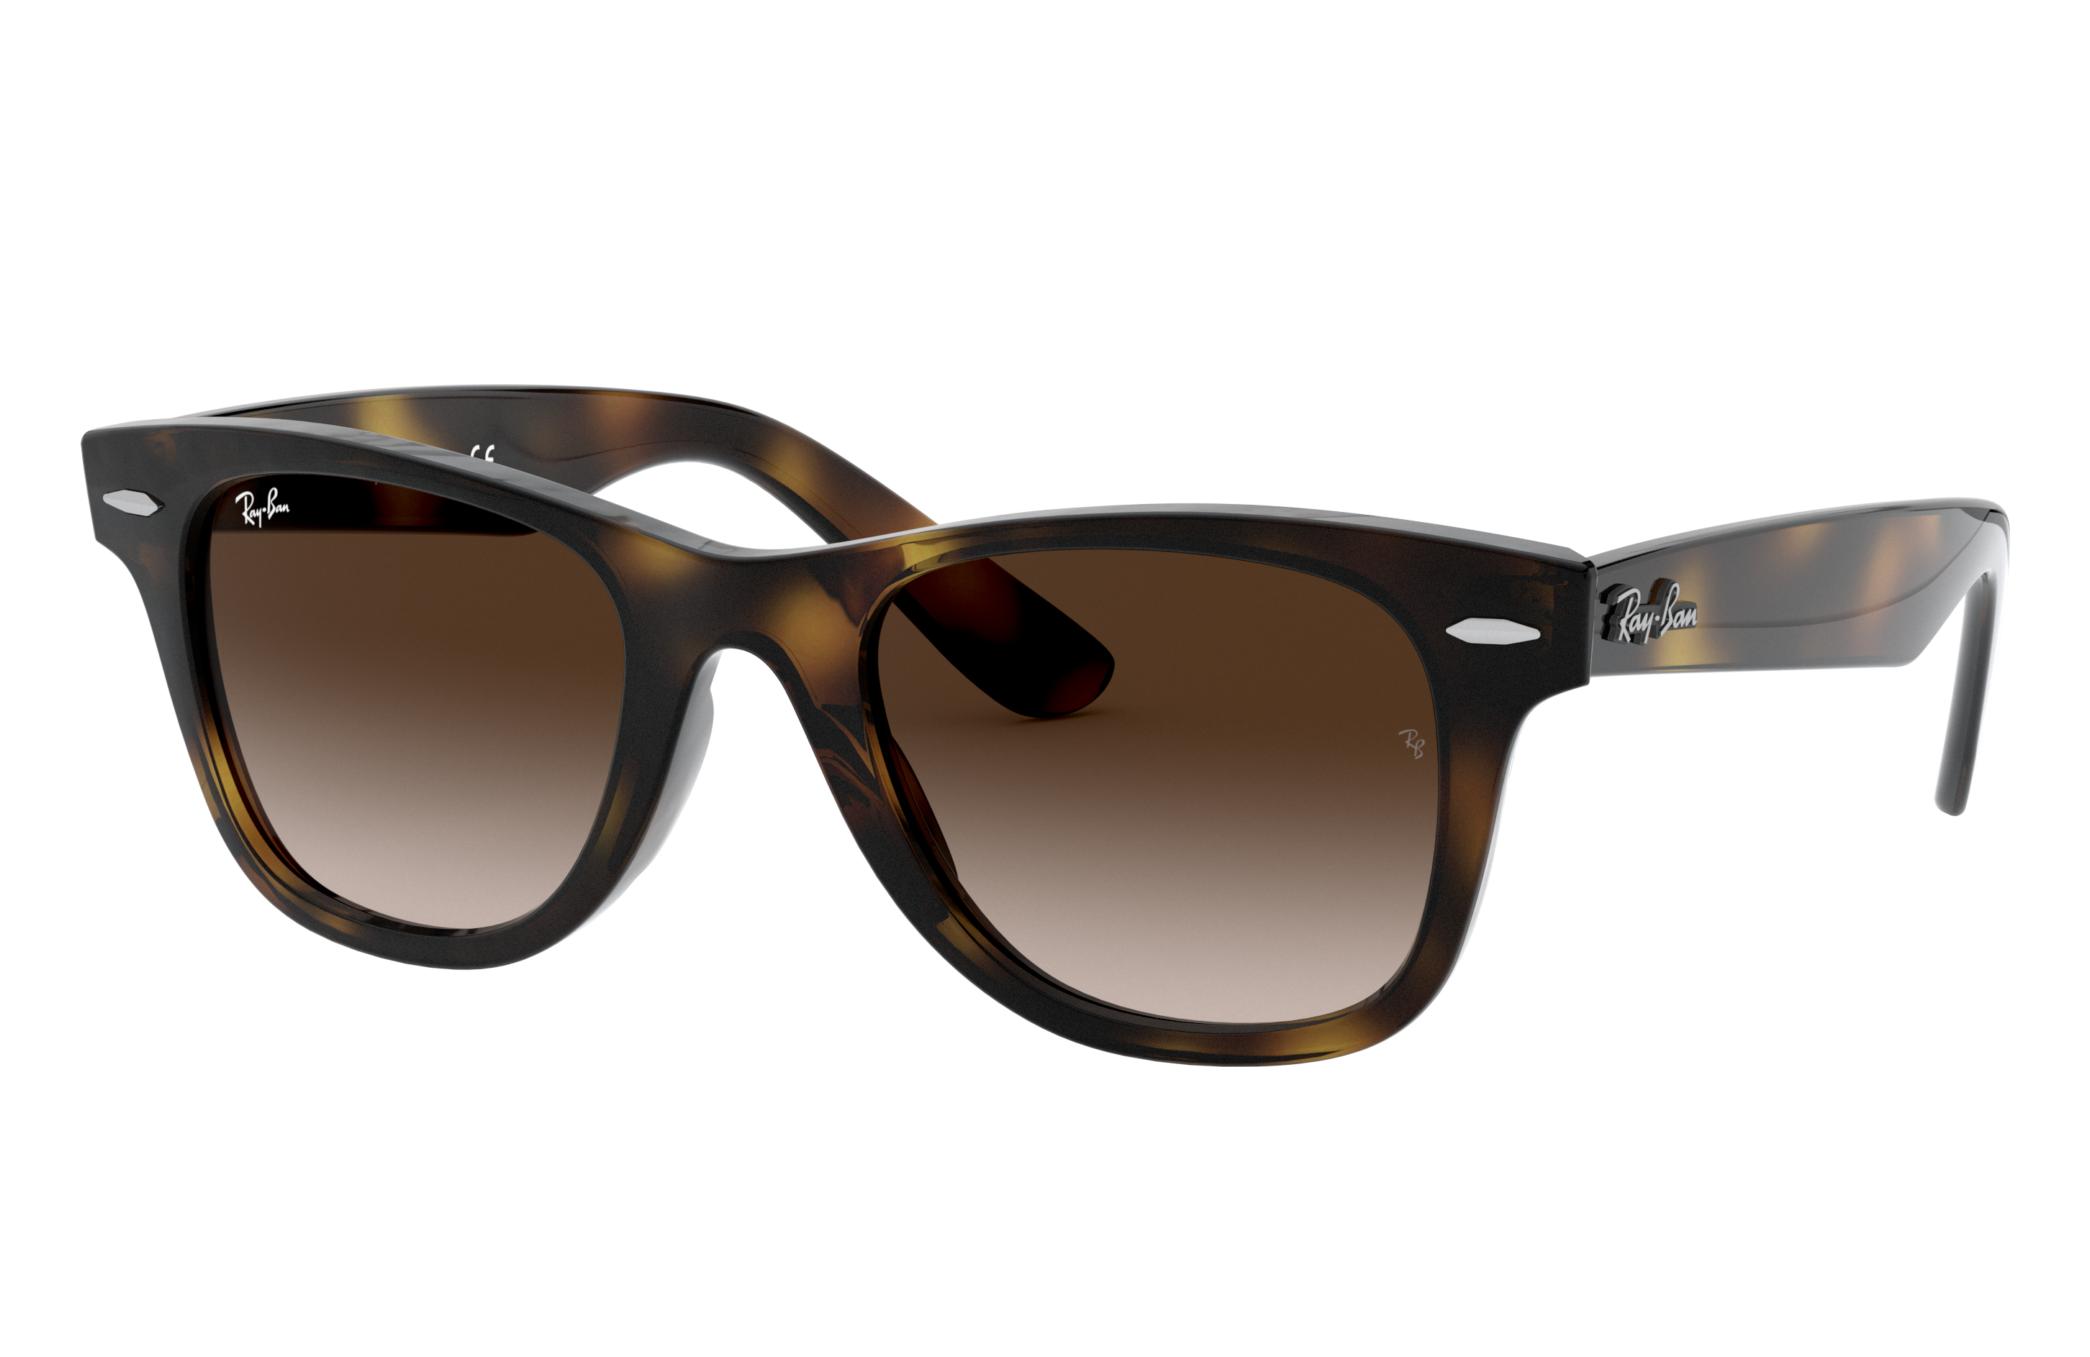 Ray-Ban Wayfarer Junior Tortoise, Brown Lenses - RJ9066S